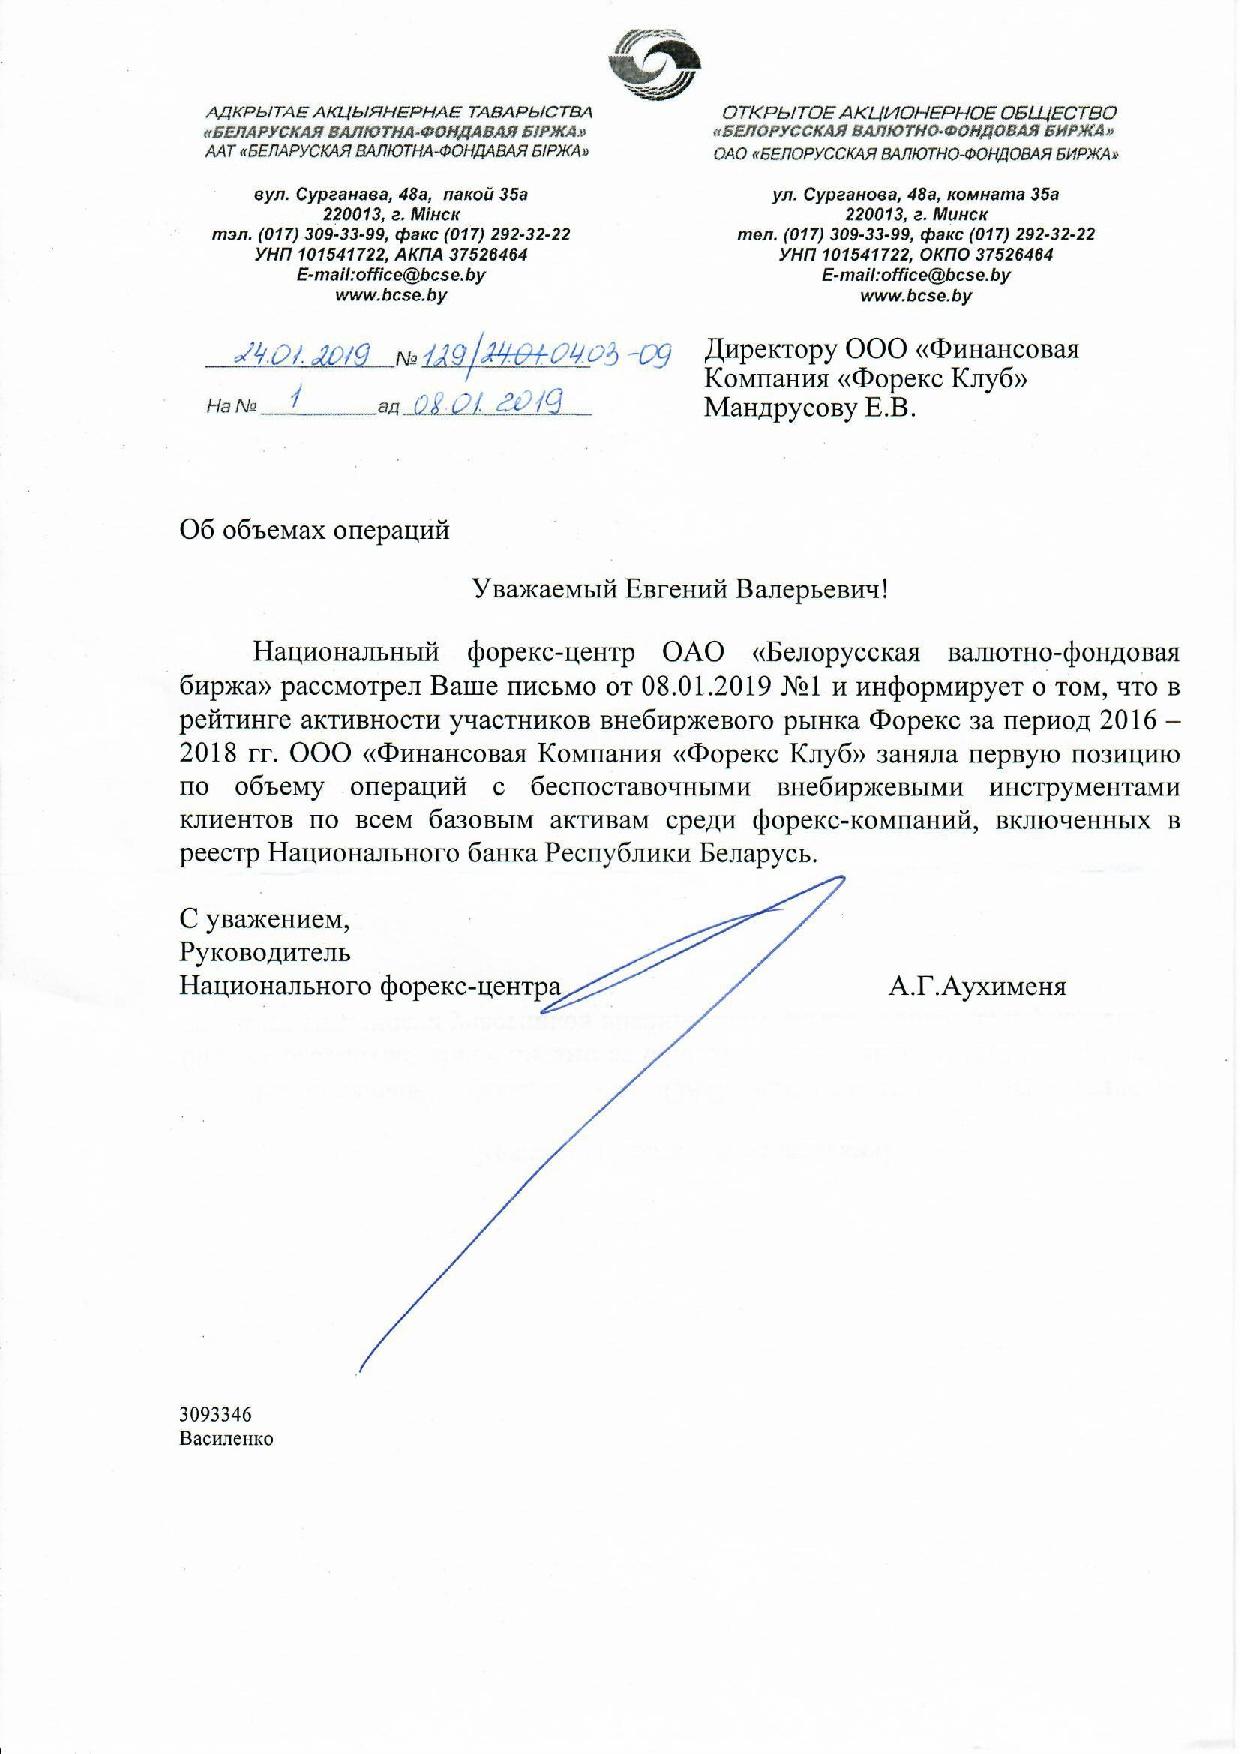 """""""Форекс Клуб"""" стал крупнейшей белорусской форекс-компанией"""